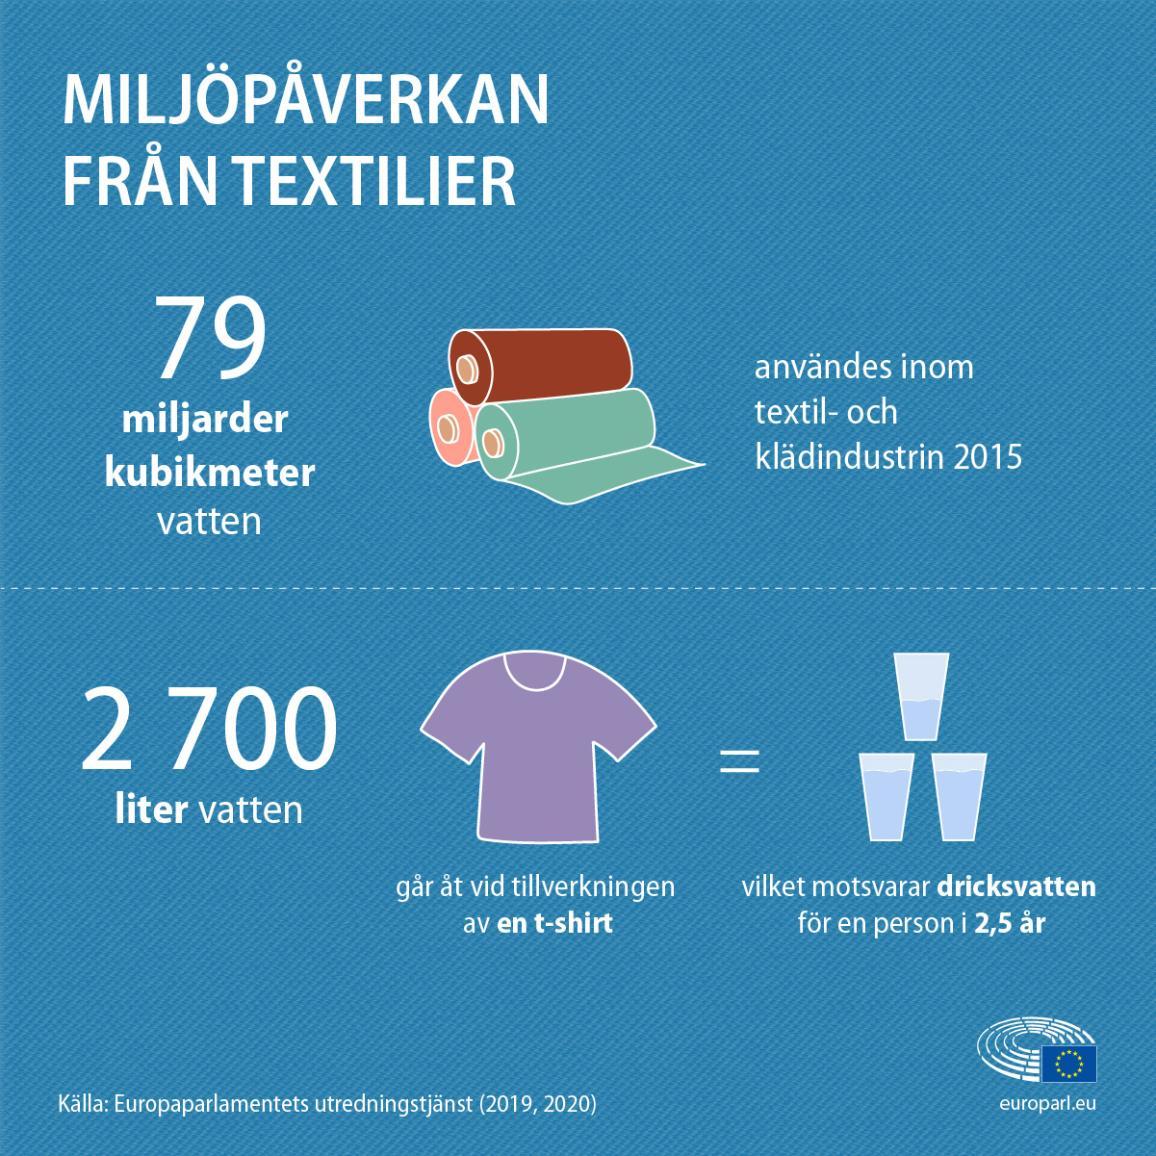 Grafik om textilindustrins påverkan på miljön